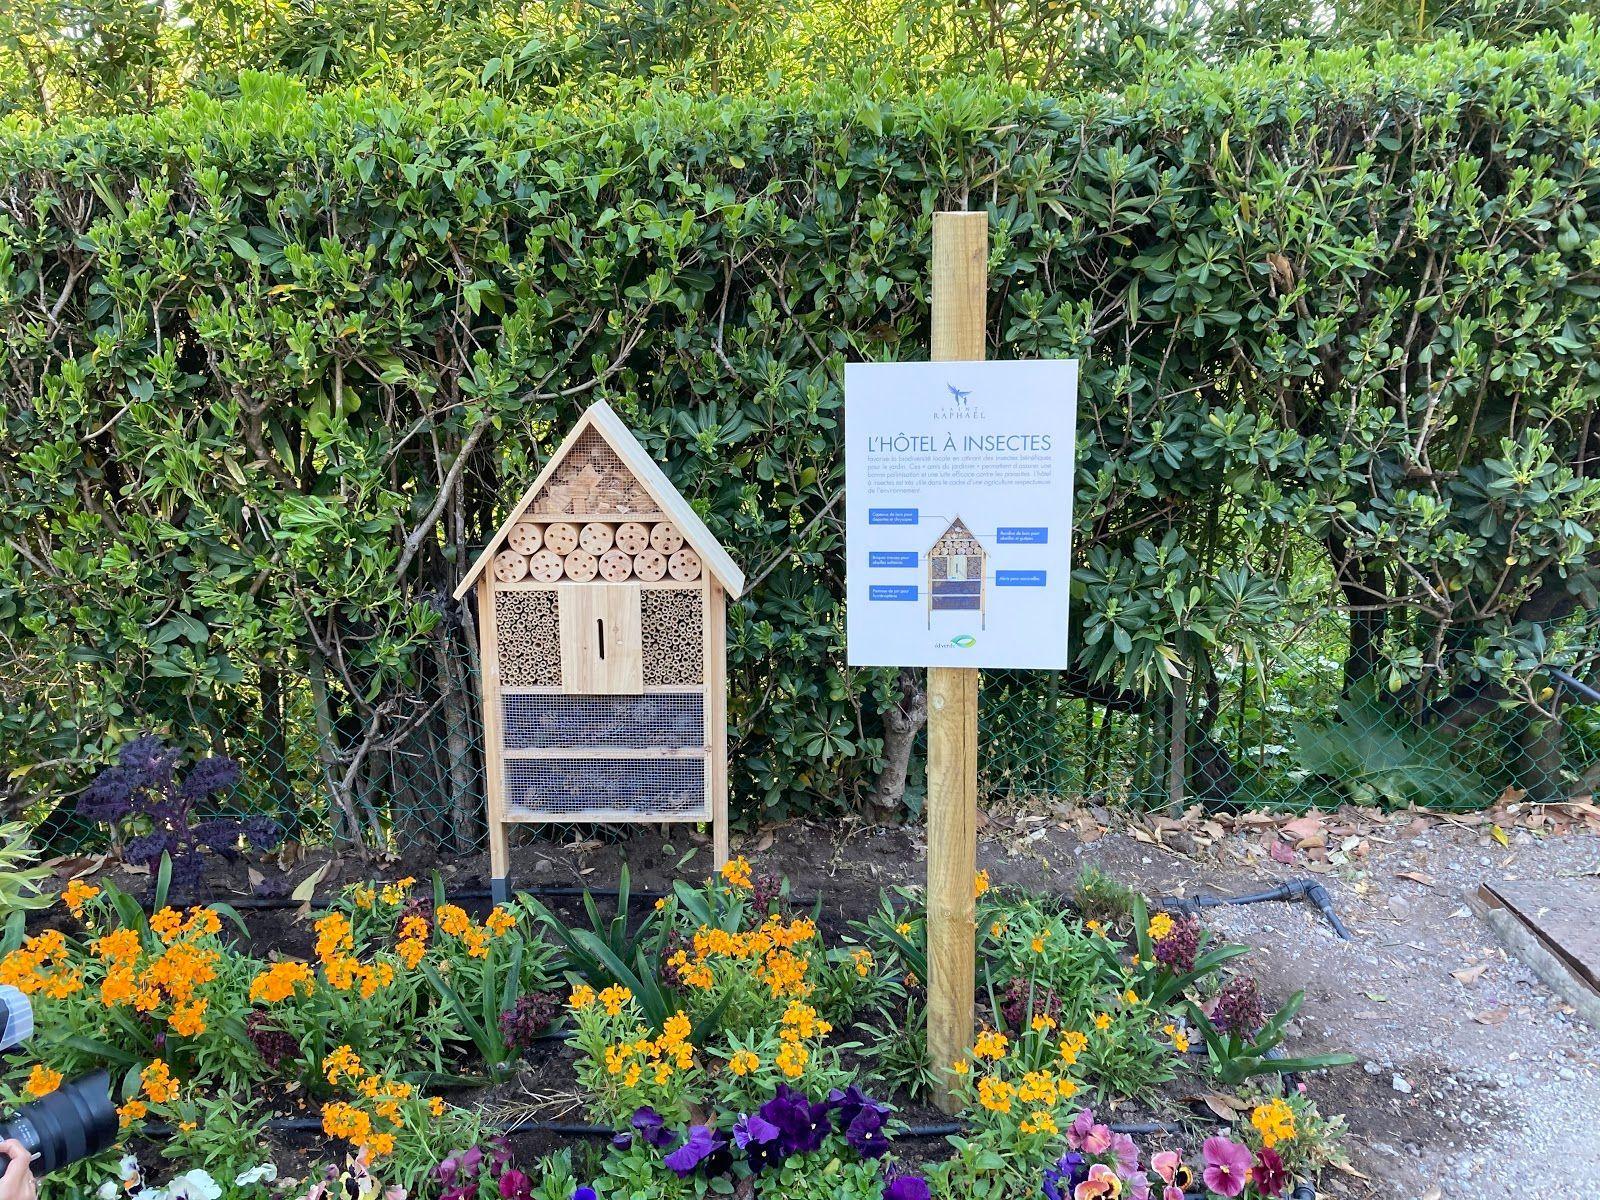 hotel à insecte journée mondiale des abeilles